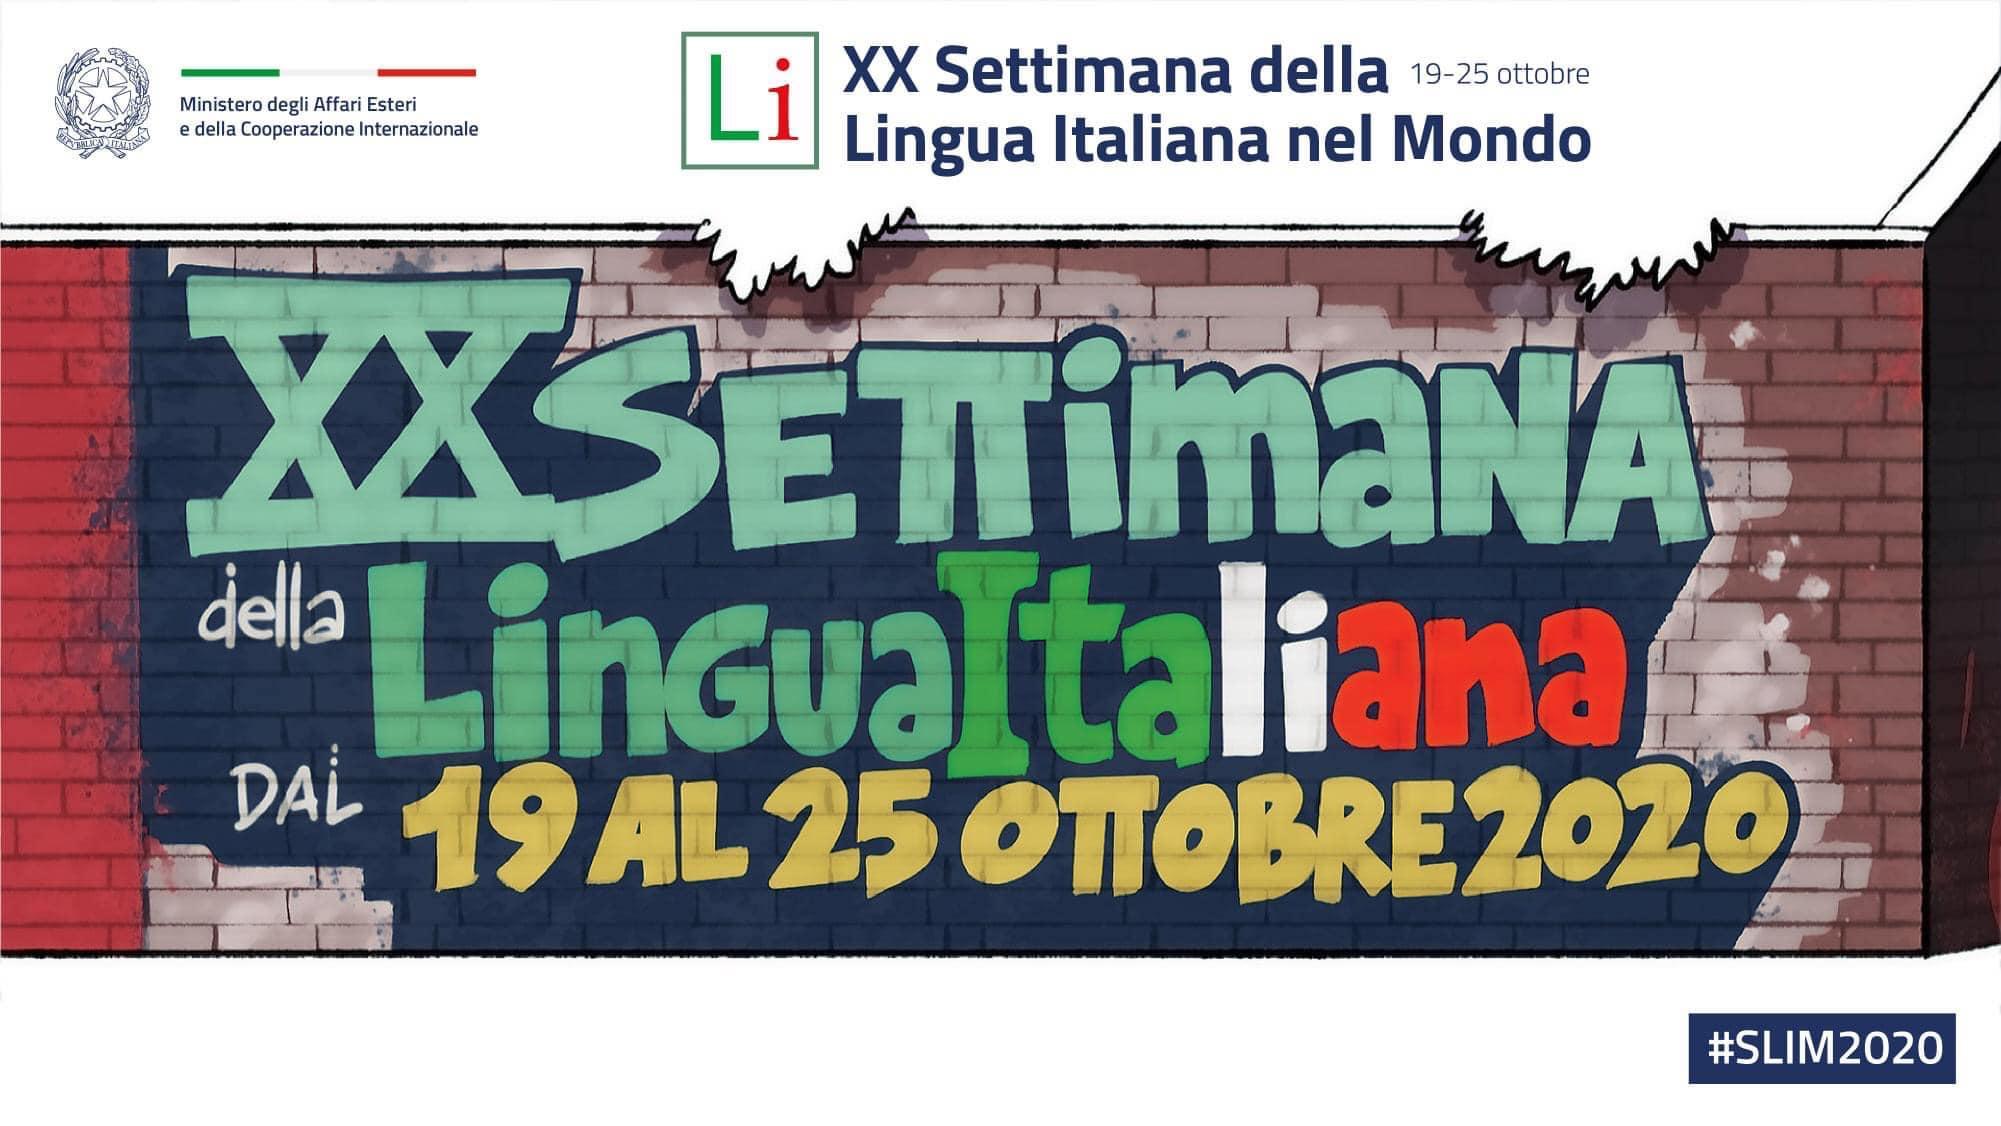 XX Edizione della Settimana della Lingua Italiana nel Mondo e negli USA